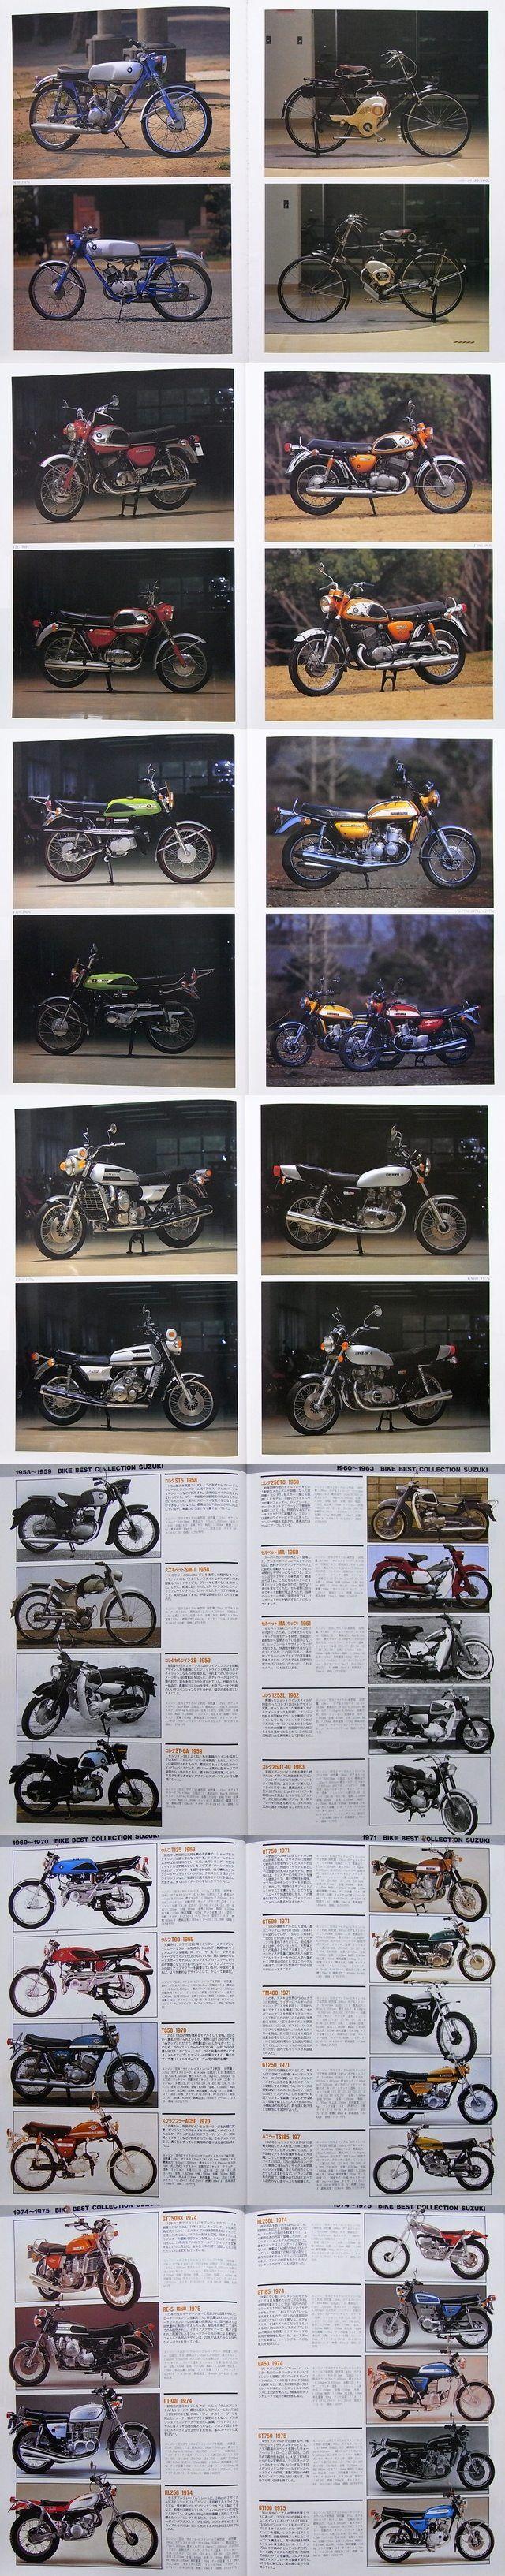 Vintage Suzuki Bike Collection. 1952 & Beyond Motorcycle Models. Pin This!